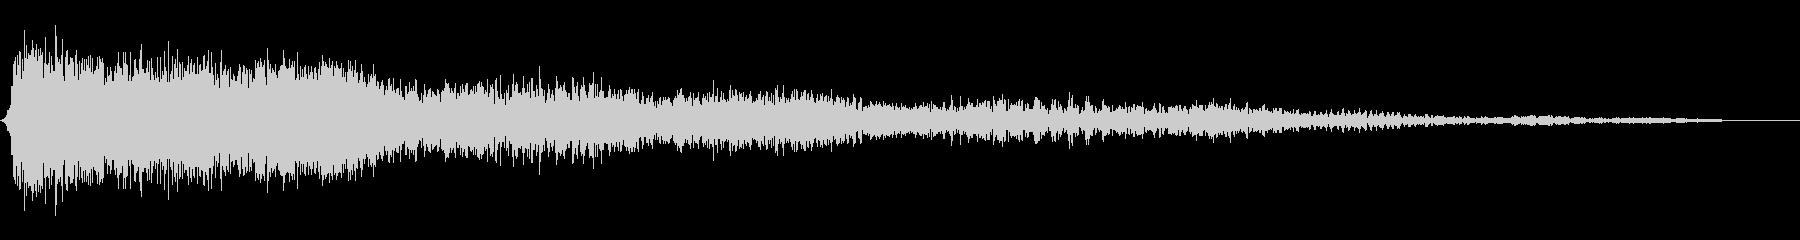 ダークスペースウェイルの未再生の波形